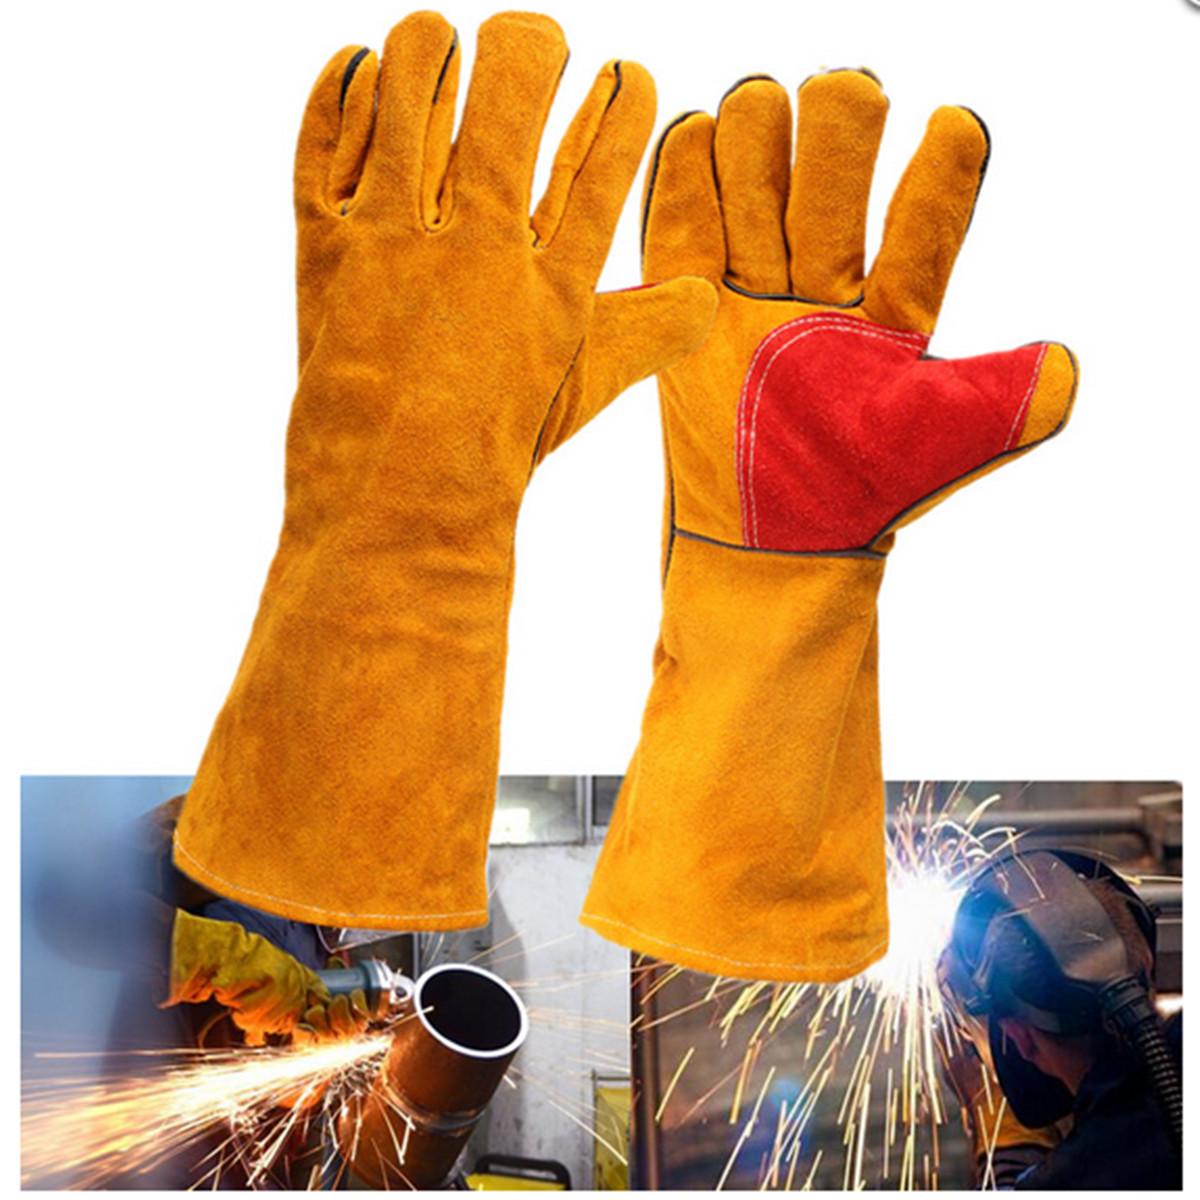 Buy 16inch Heavy Duty Lined Reinforced Palm Welding Gauntlets Welder Labor Gloves